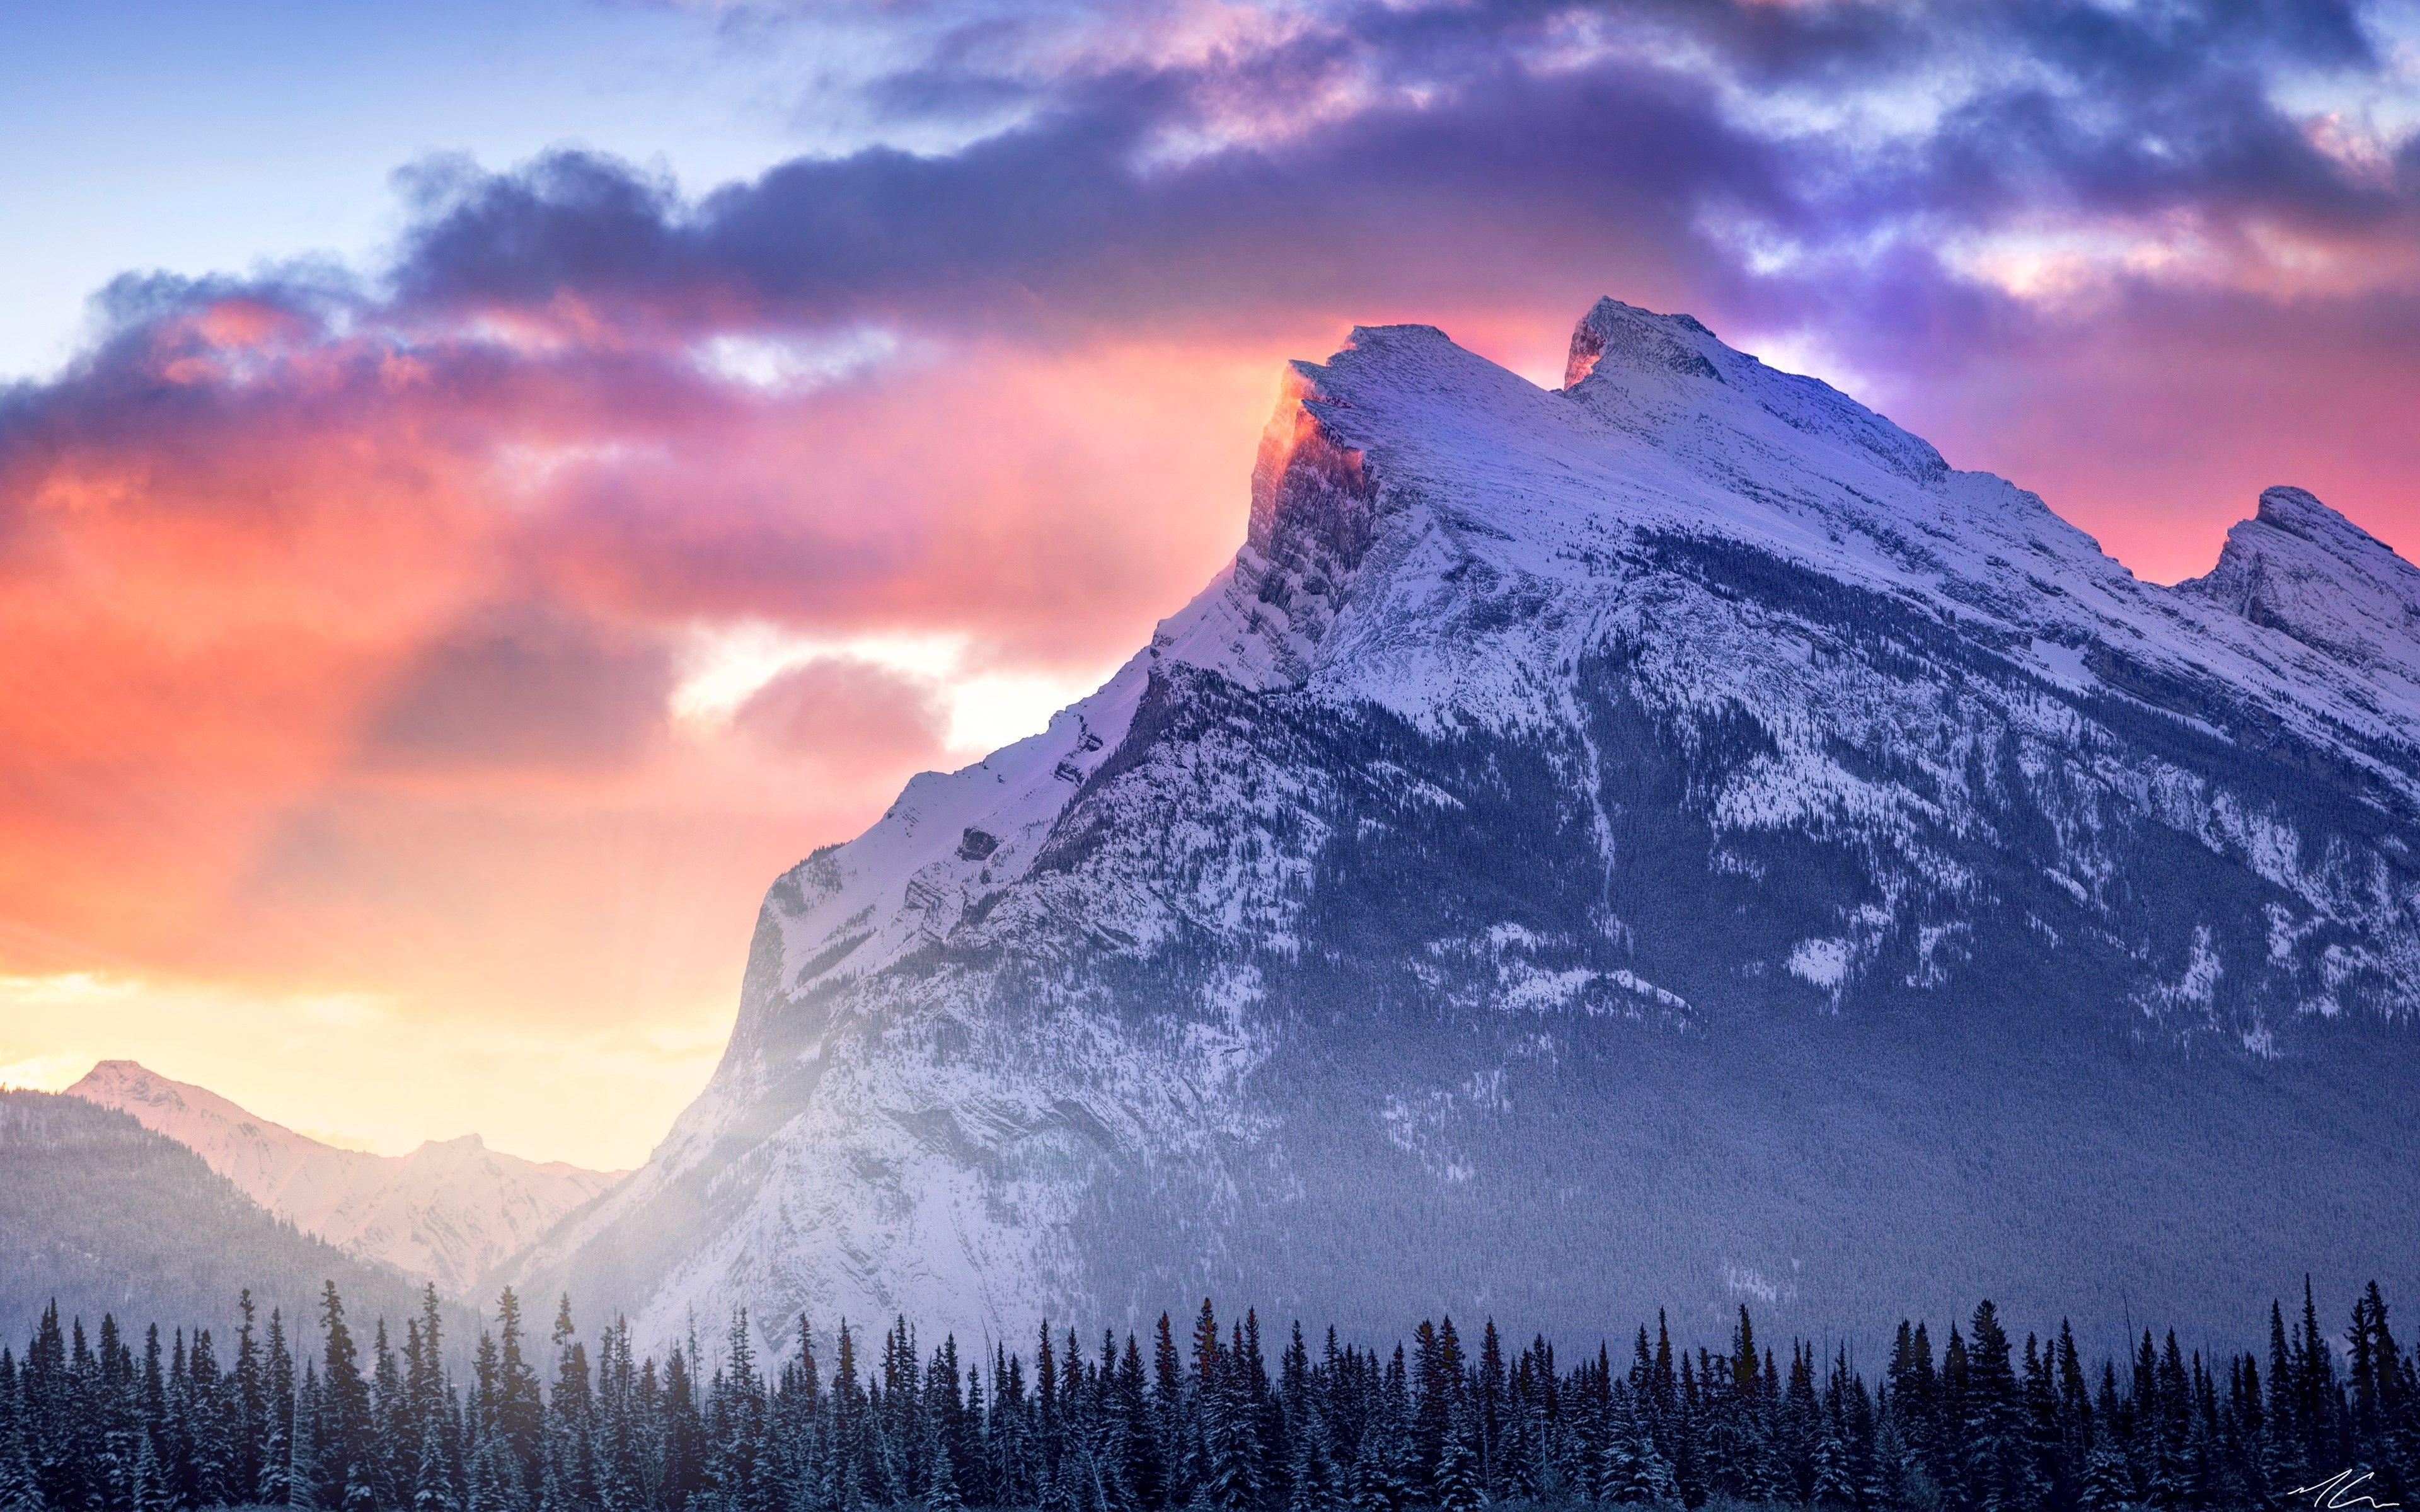 Best Wallpaper Mountain Computer - 1cedd1aa7213bdedd55e798508c0d4b0  Picture_426263.jpg